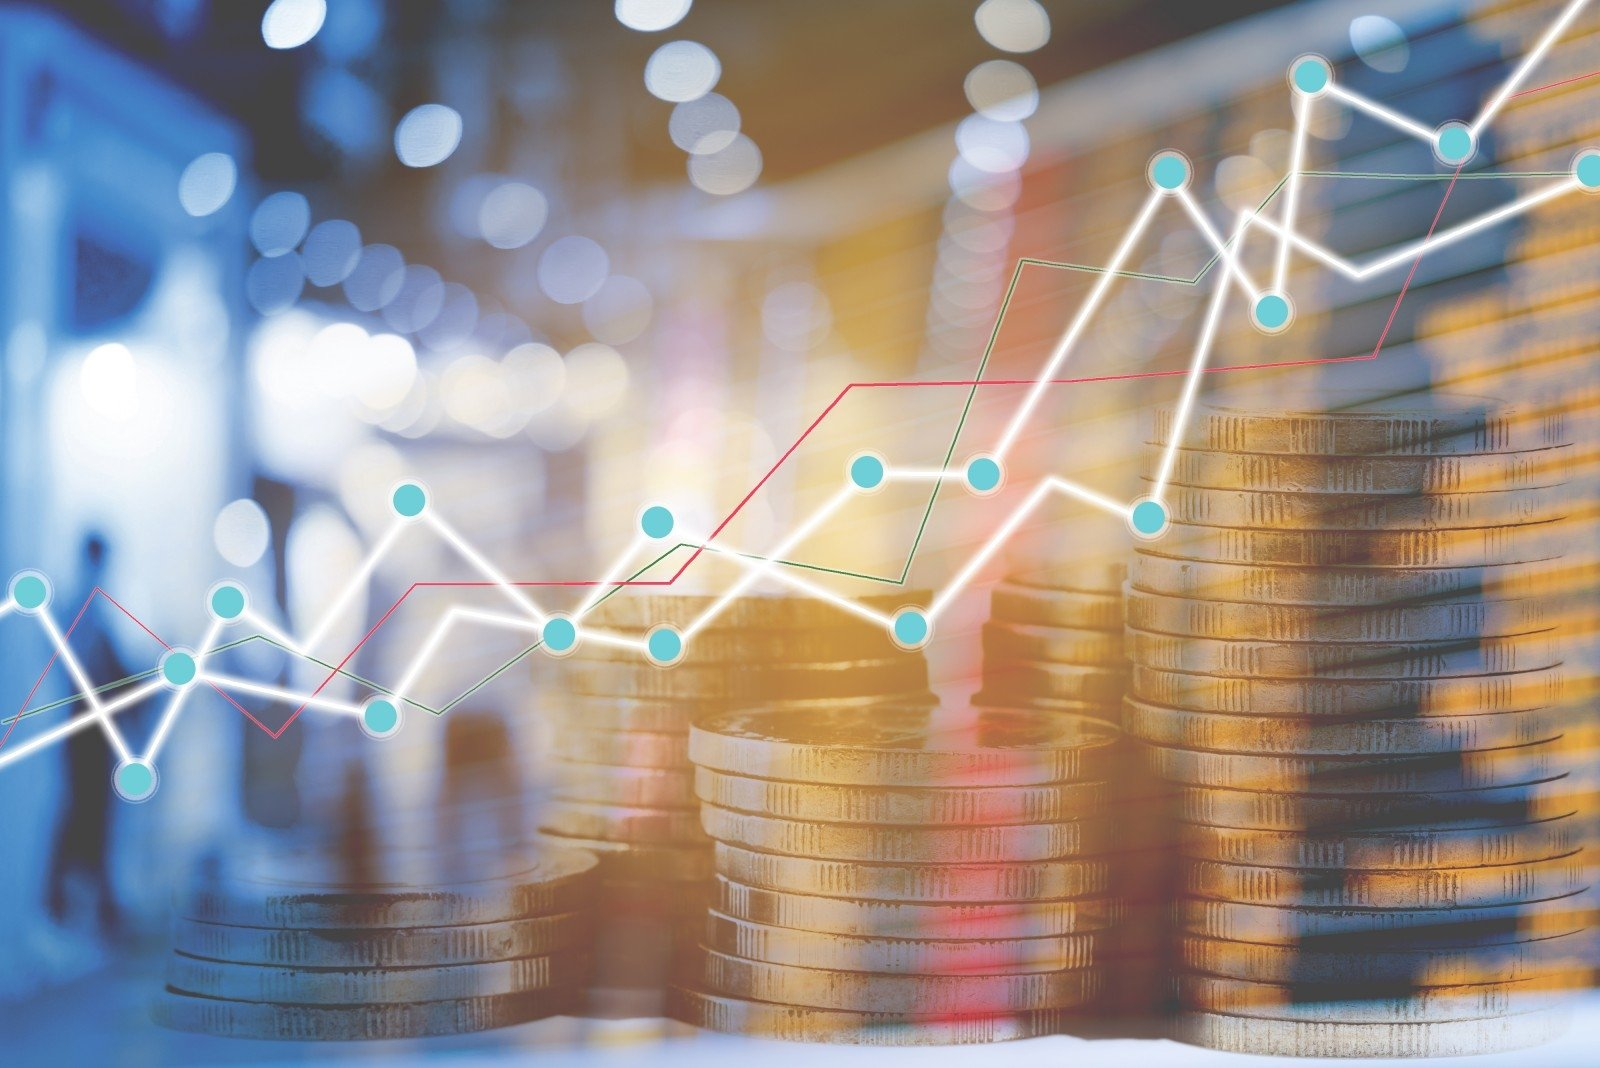 С начала года рост экономики страны составил 3,4%